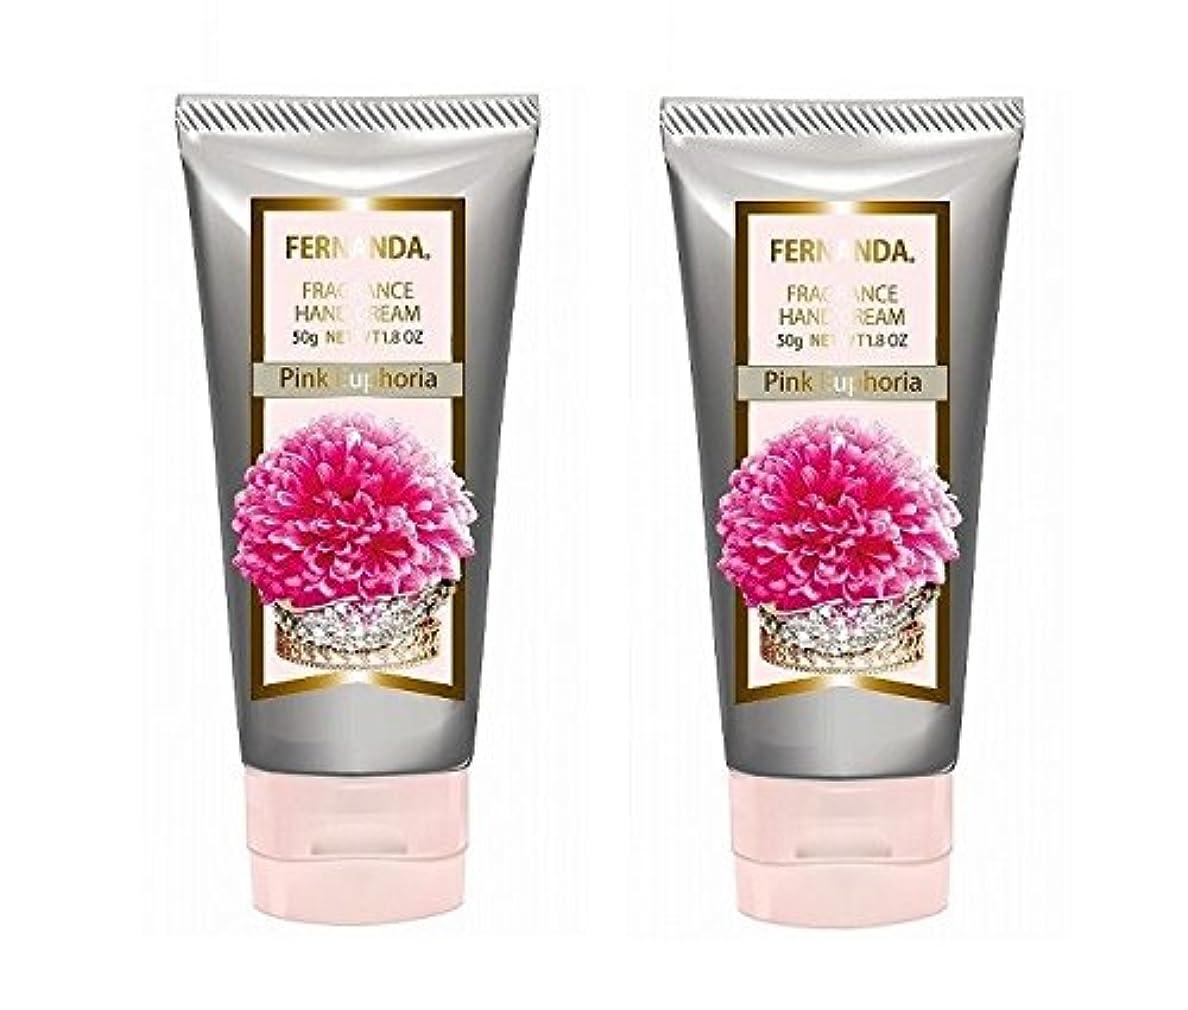 遅滞つかの間コットンFERNANDA(フェルナンダ) Hand Cream Pink Euphoria (ハンドクリーム ピンクエウフォリア)×2個セット